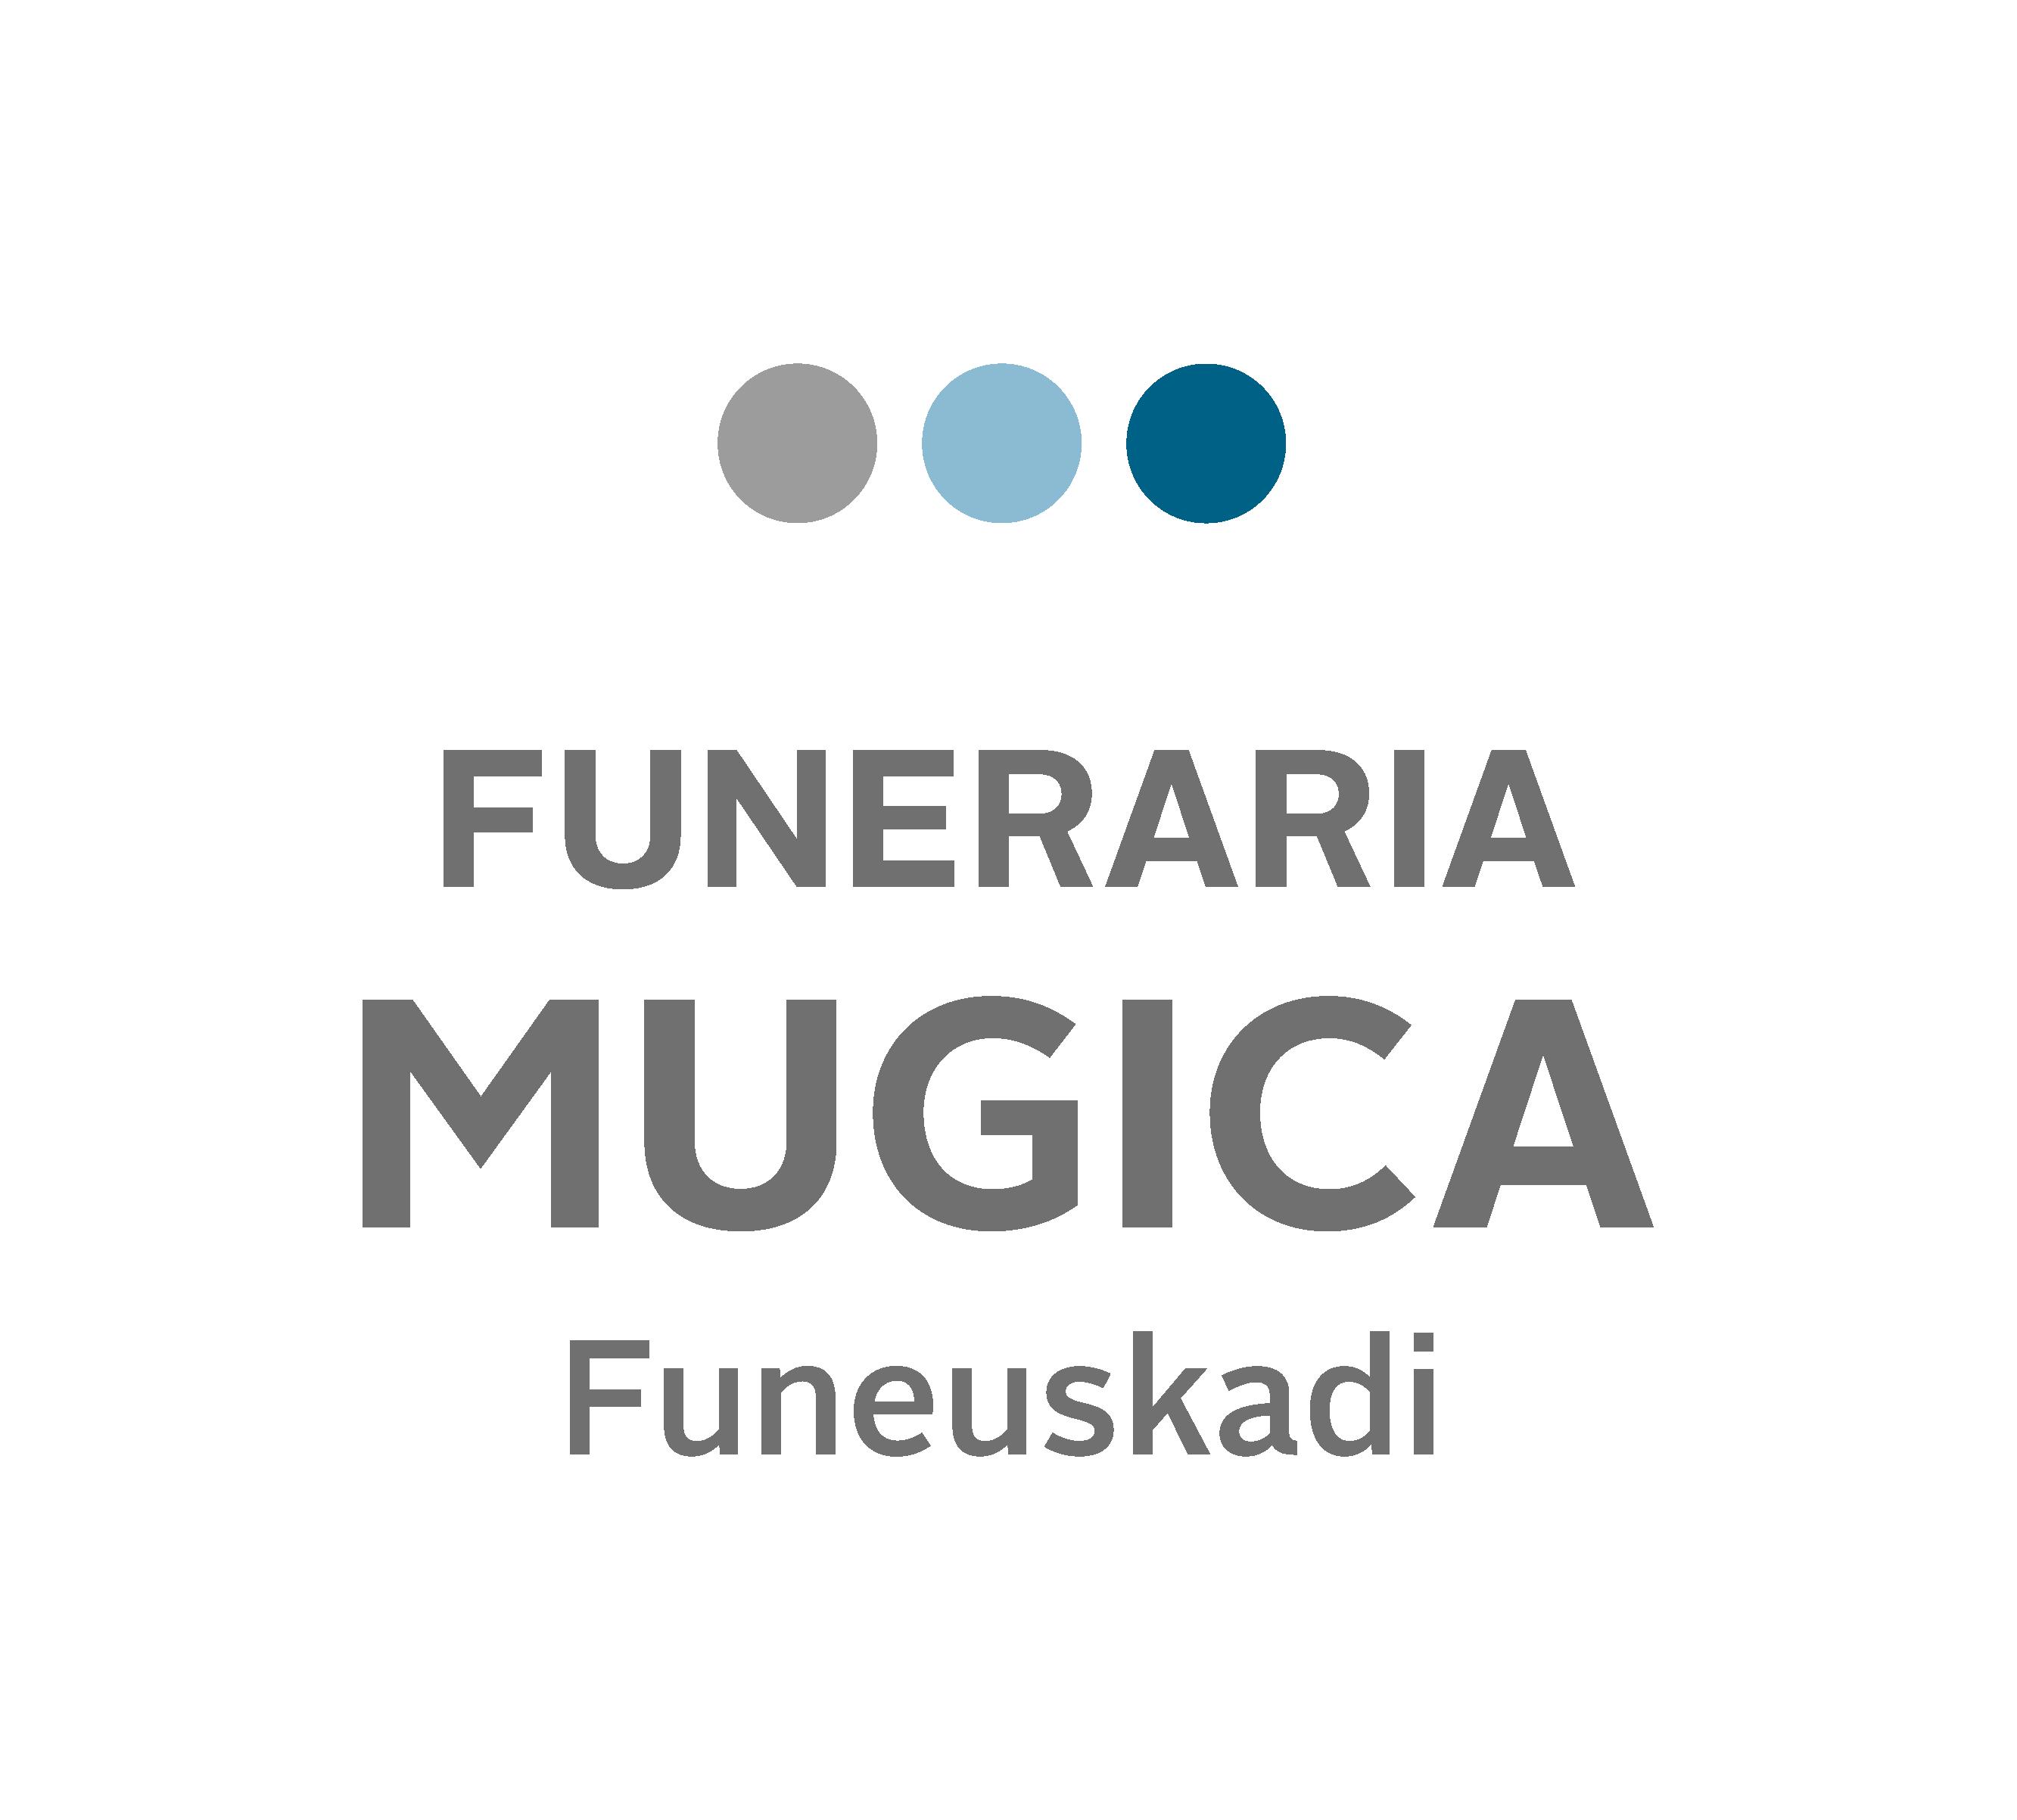 FUNERARIA MUGICA S.L.